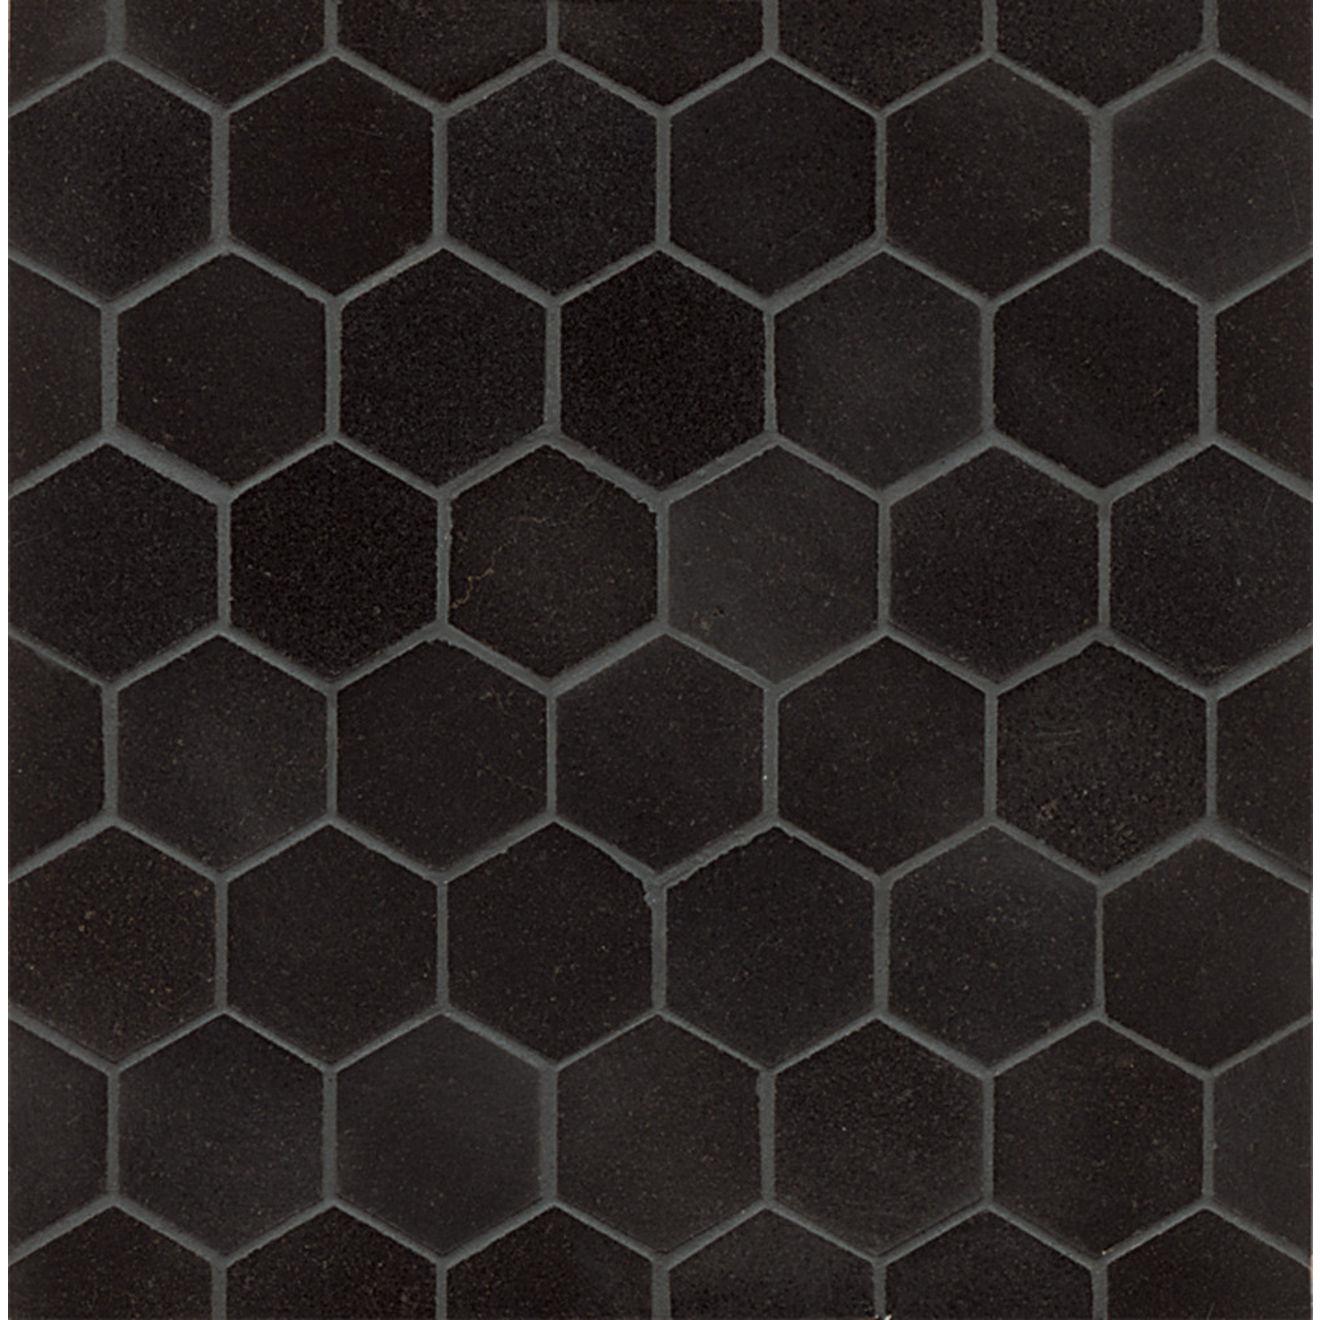 """Absolute Black 2"""" Hexagon Honed Granite Mosaic Tile"""